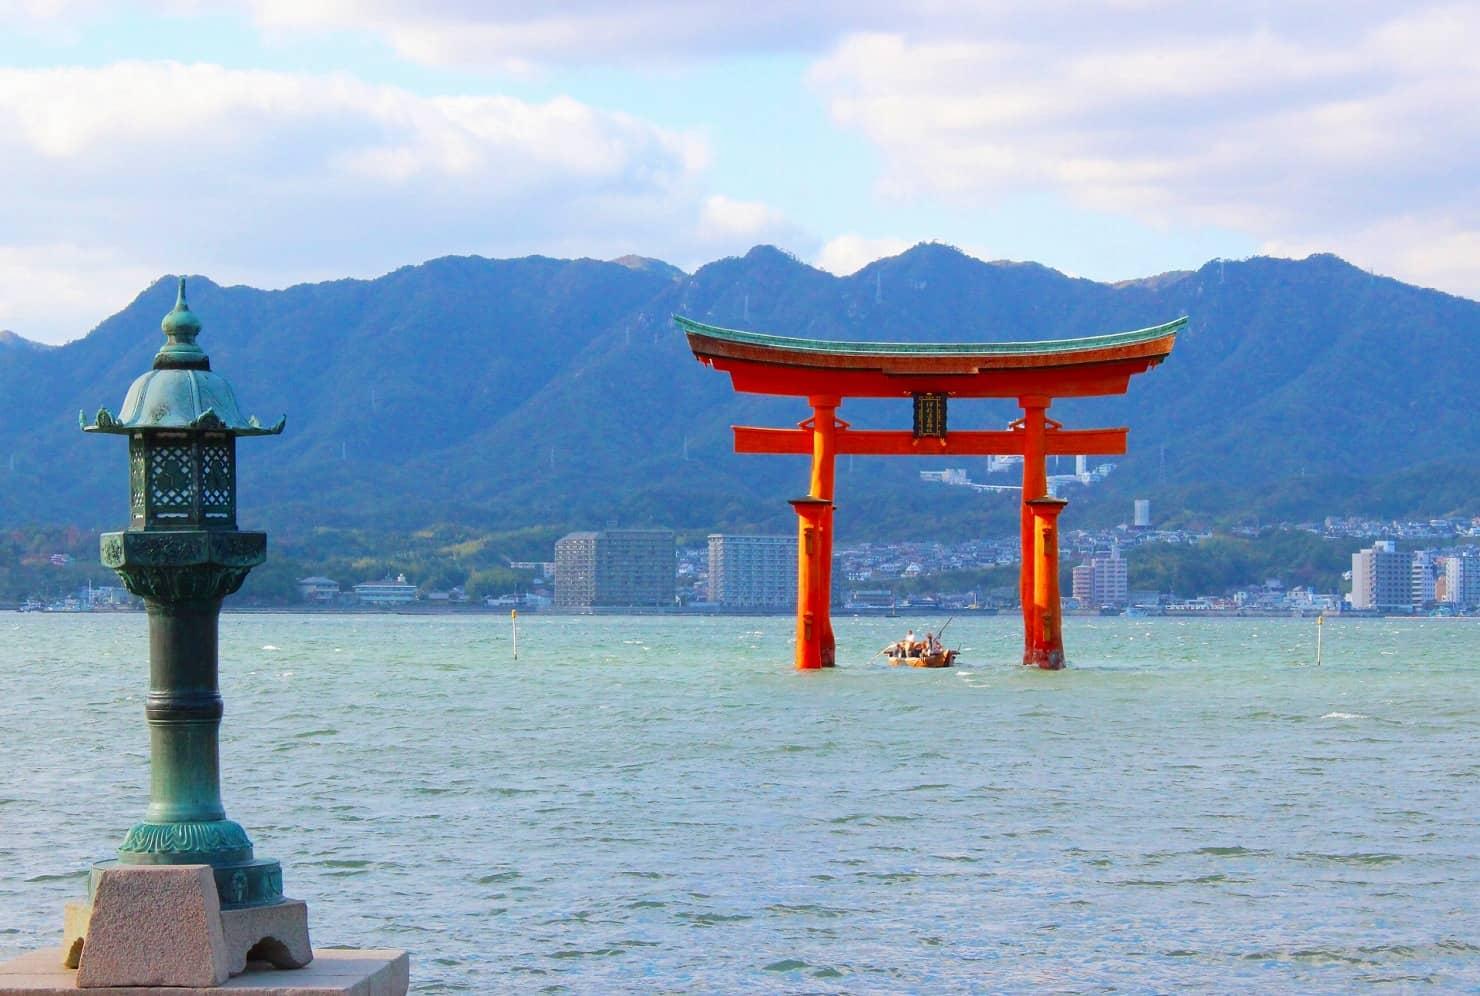 日本全国で人気の子宝神社、子授け寺は? 子宝祈願におすすめの神社、お寺を紹介